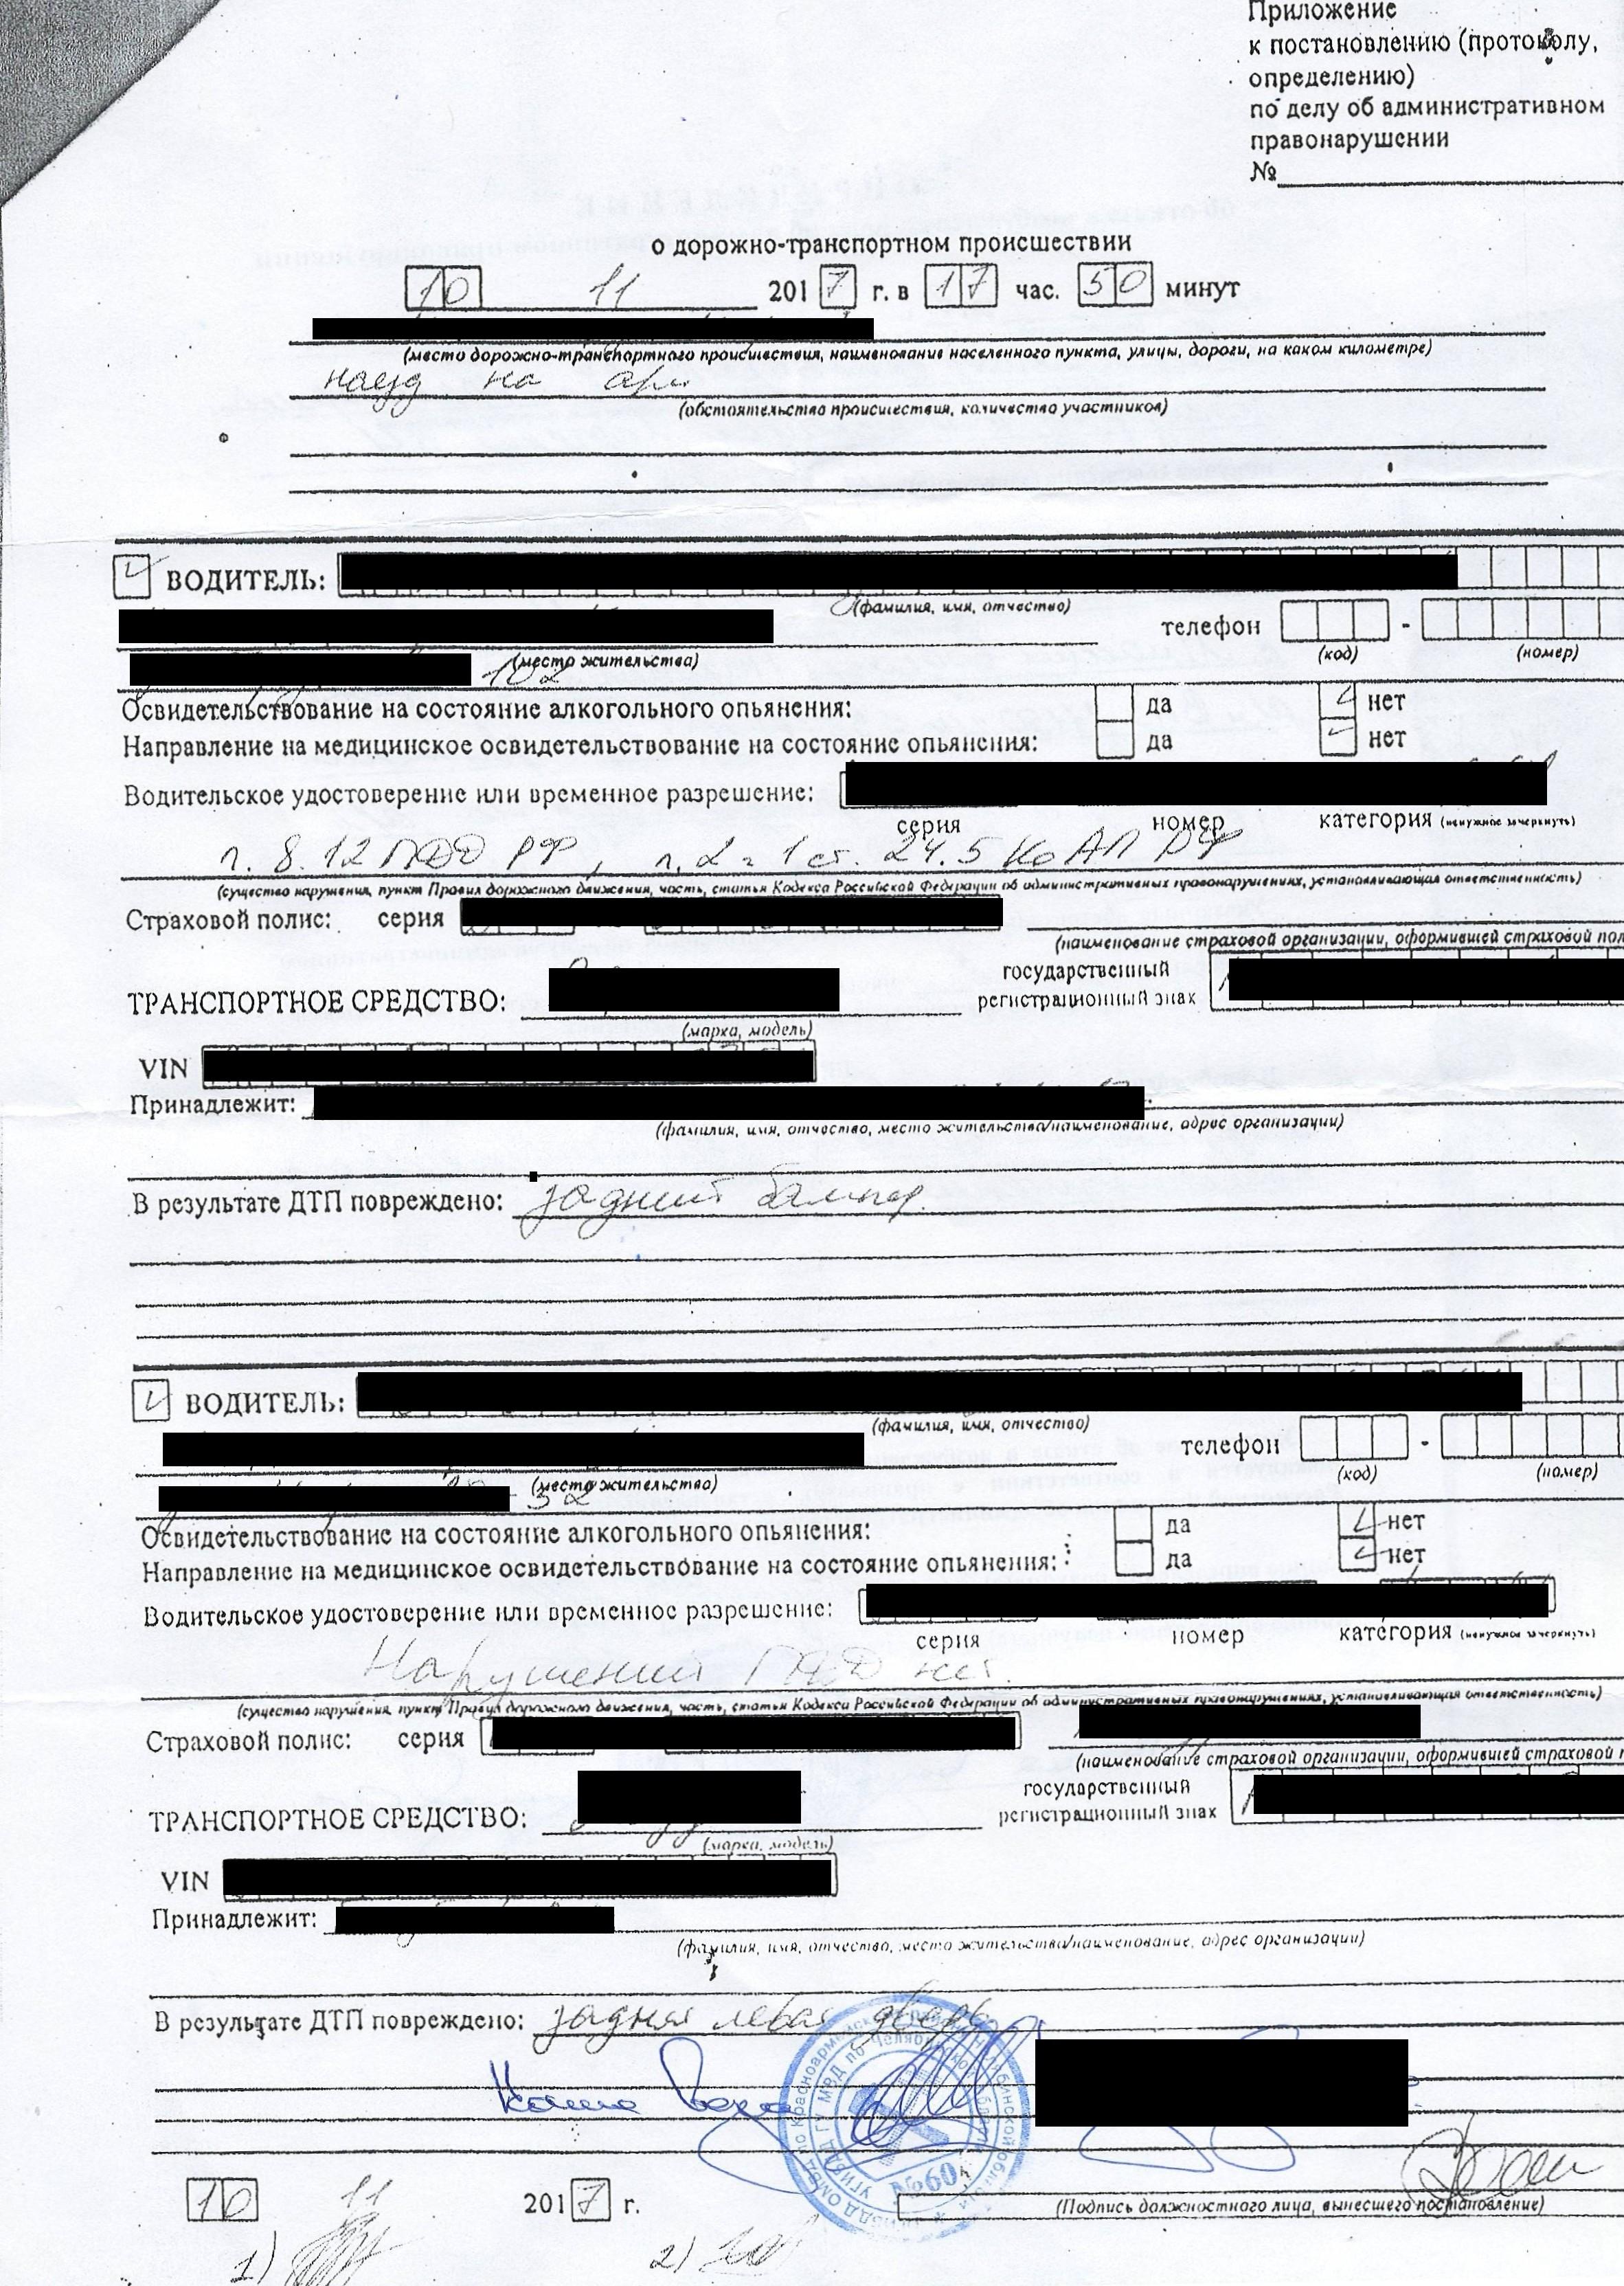 Так выглядит приложение к процессуальным документам, которое выдают инспекторы в Челябинской области